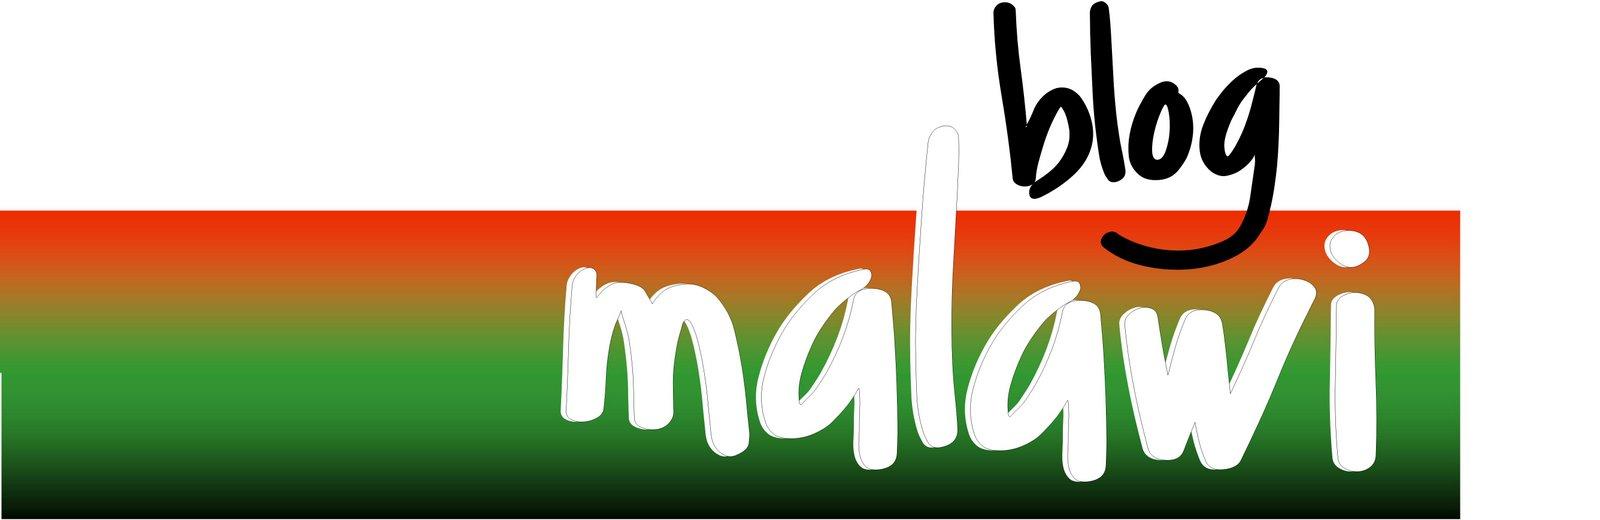 blog malawi